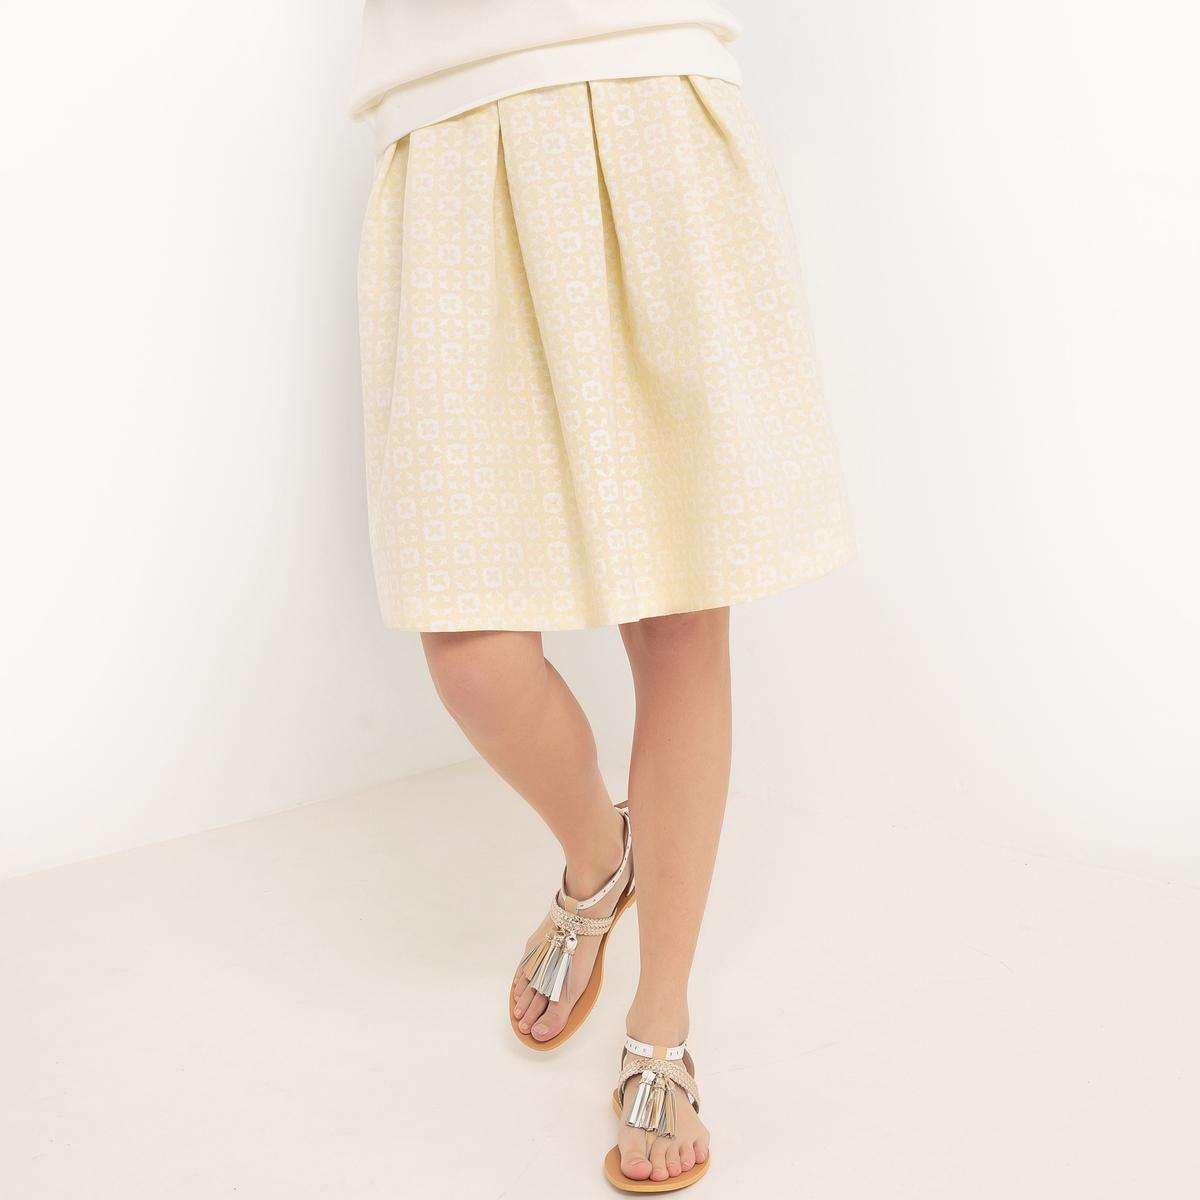 Юбка расклешенная, длина до колен, с цветочным рисунком